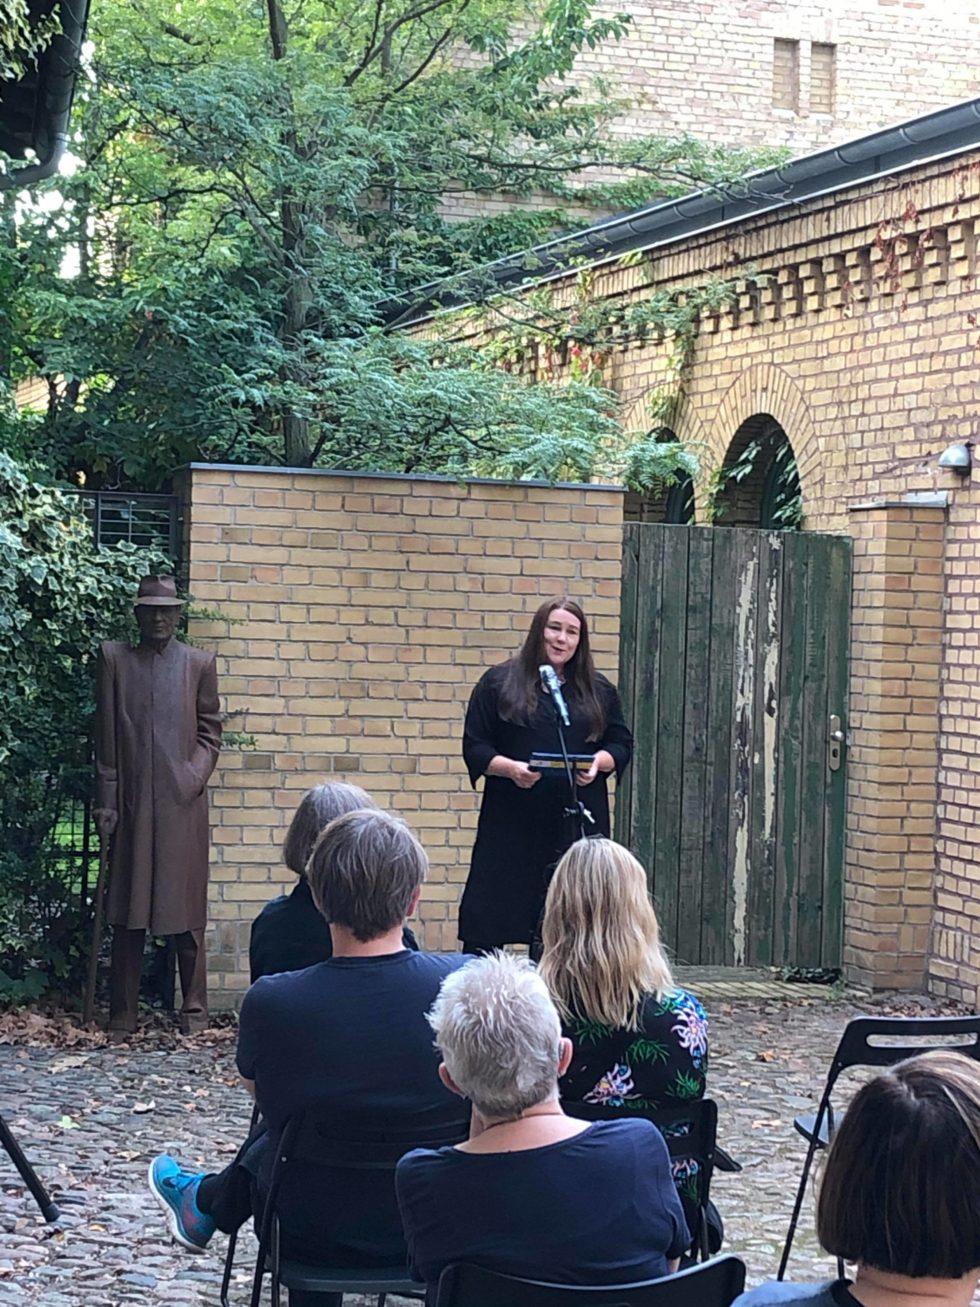 Bilden visar kulturrådet Nina Katarina Karlsson som talar inför en publik på en stenlagt innergård.